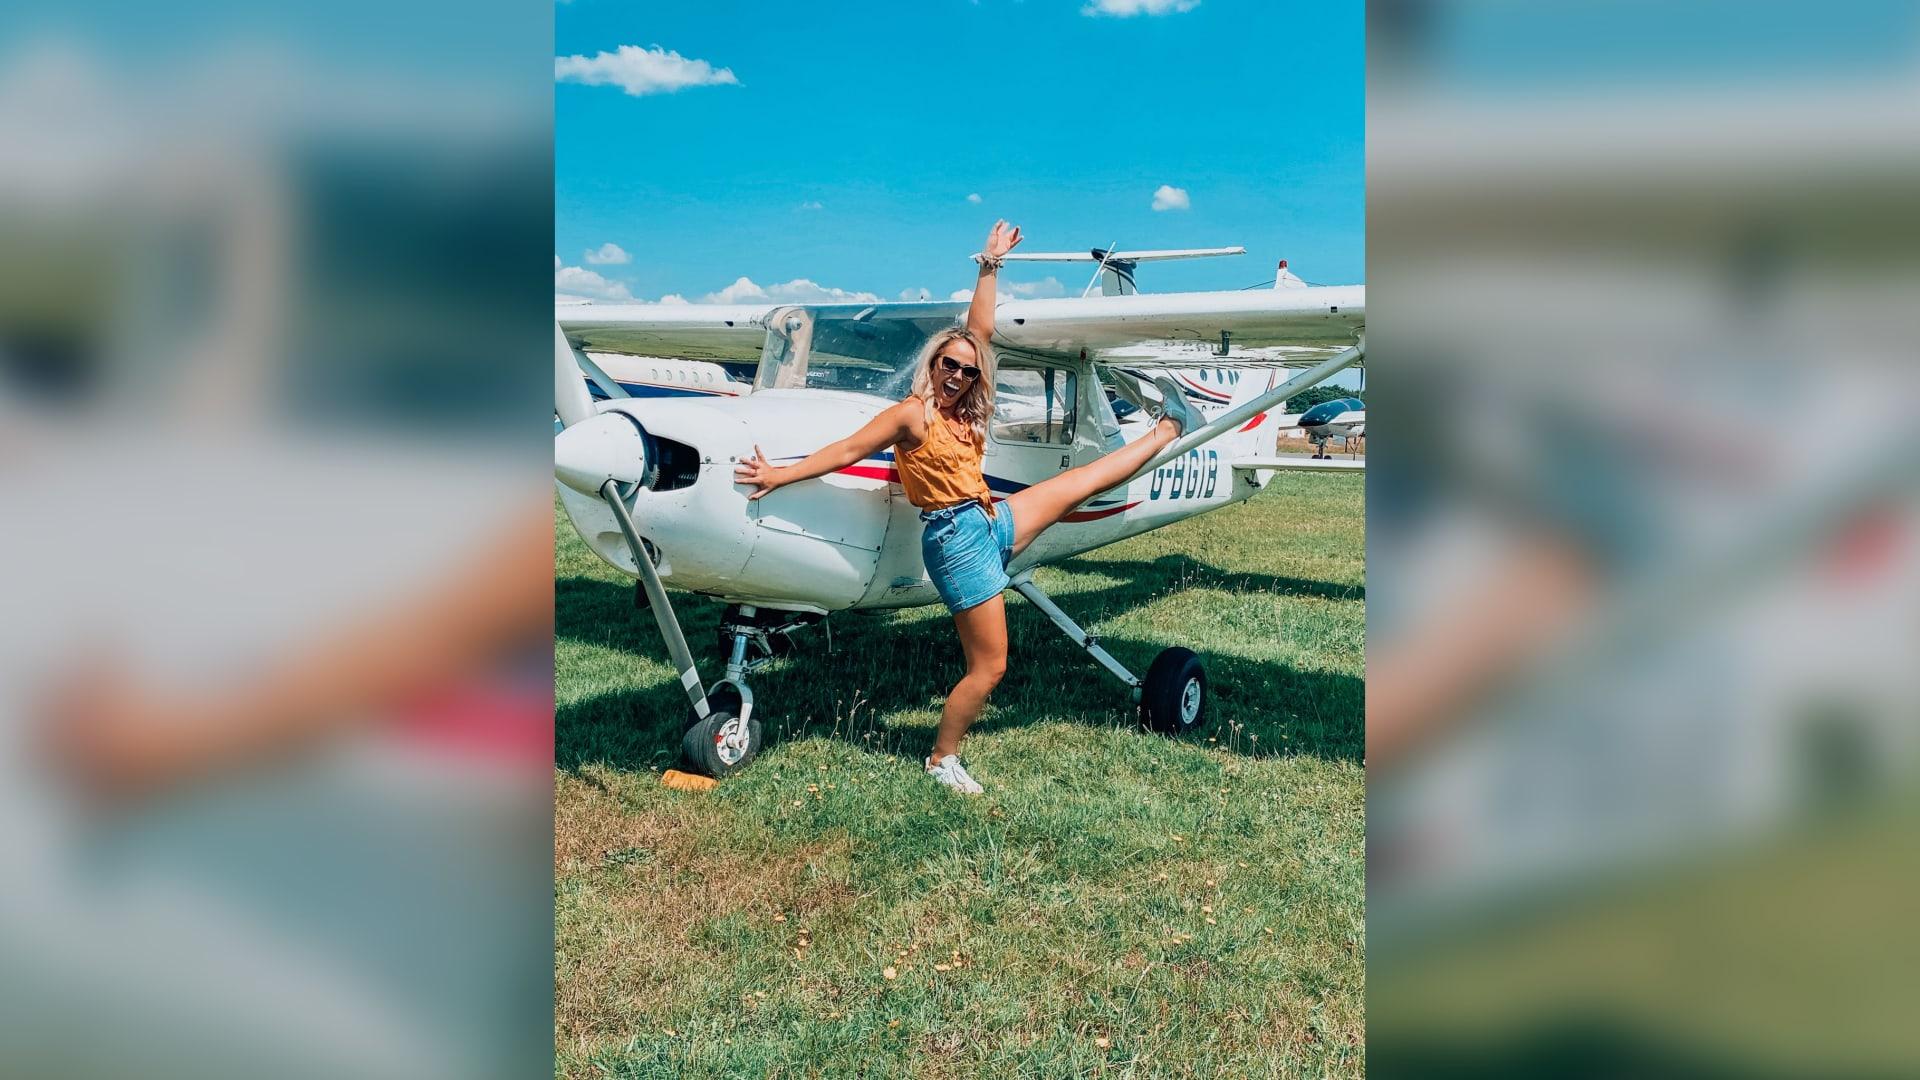 تعرفوا إلى المضيفة التي استغلت أزمة الجائحة لتتدرب كقائدة طائرة